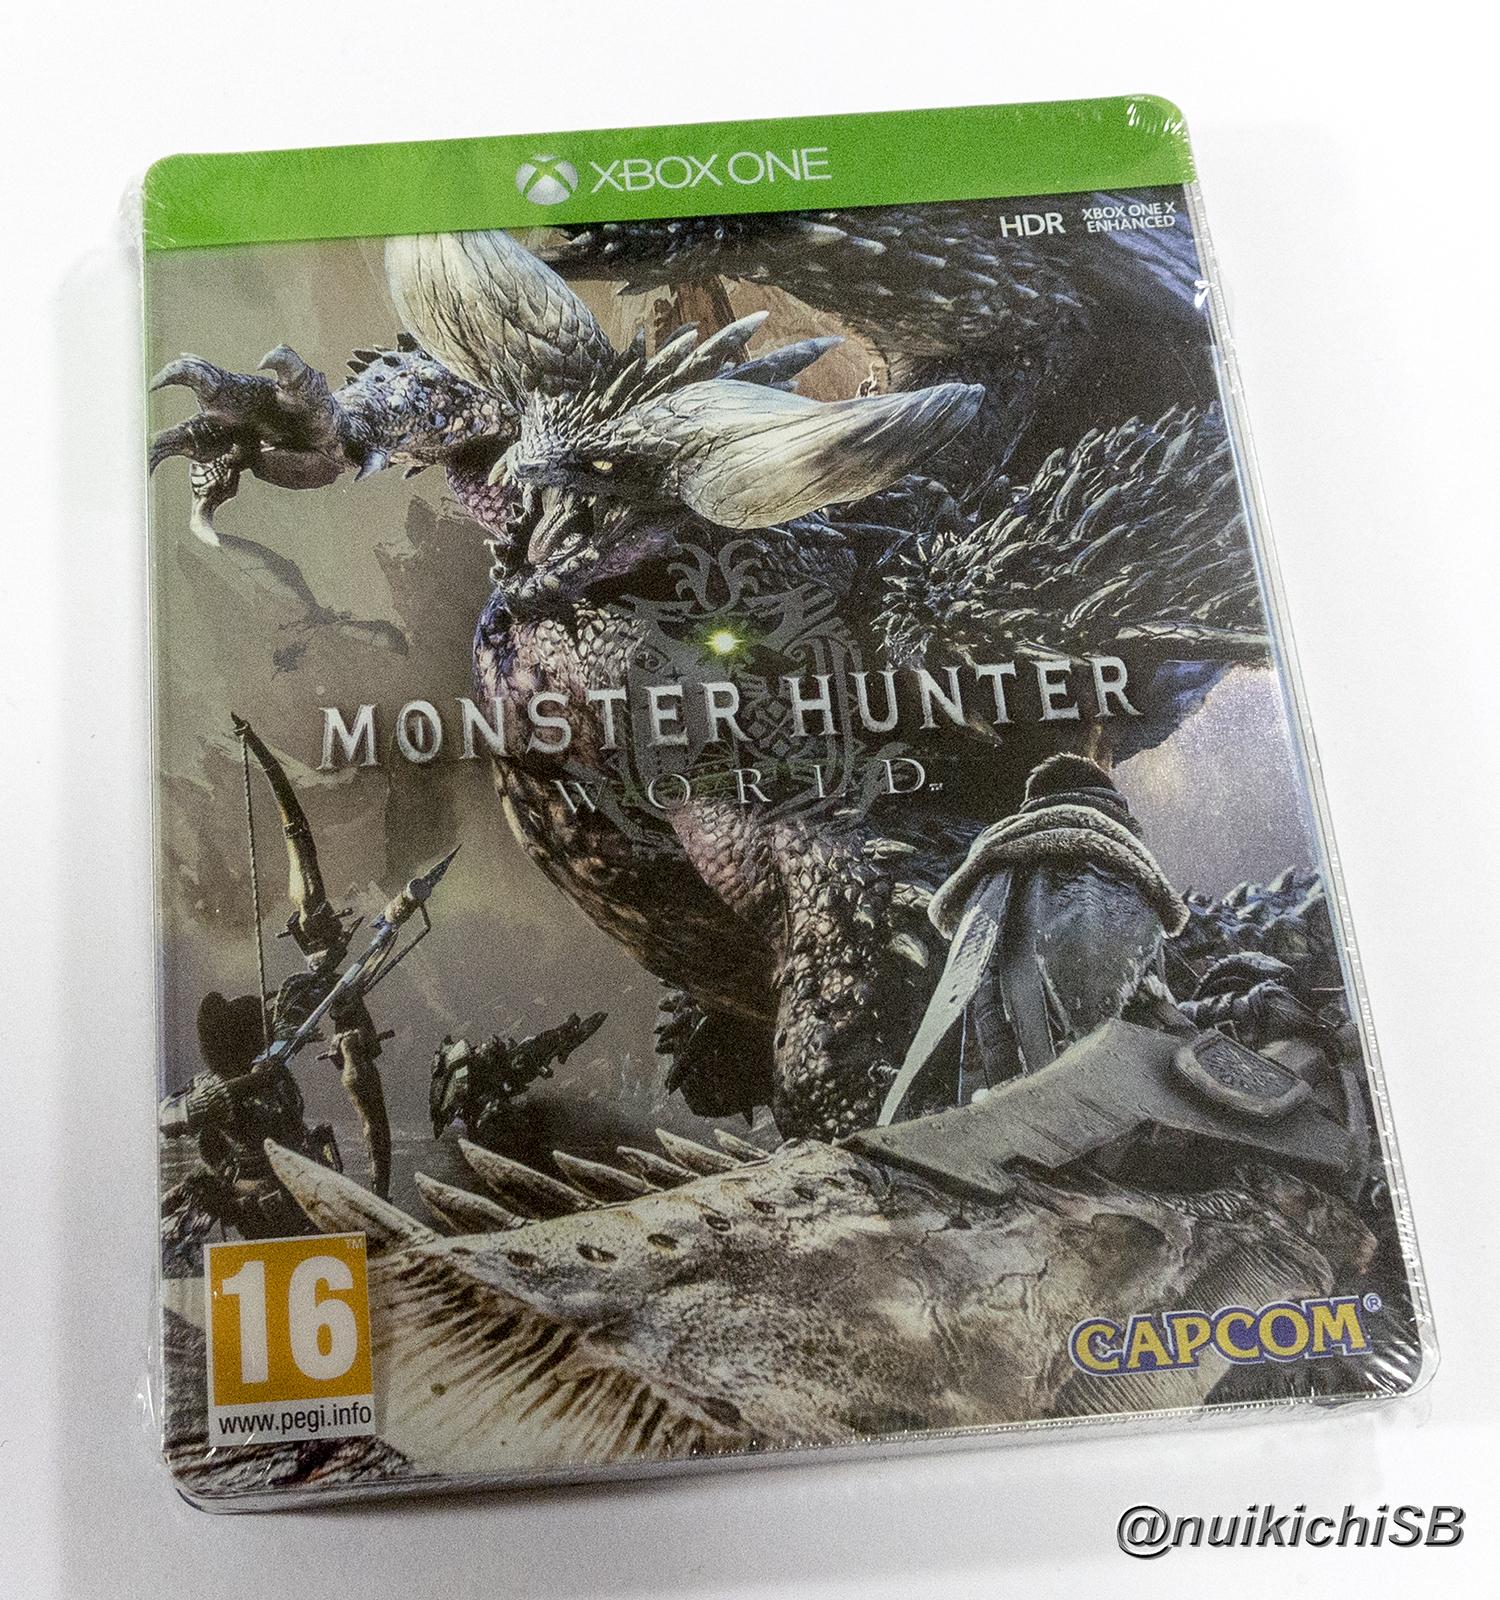 Monster Hunter World steelbook モンスターハンター:ワールド スチールブック